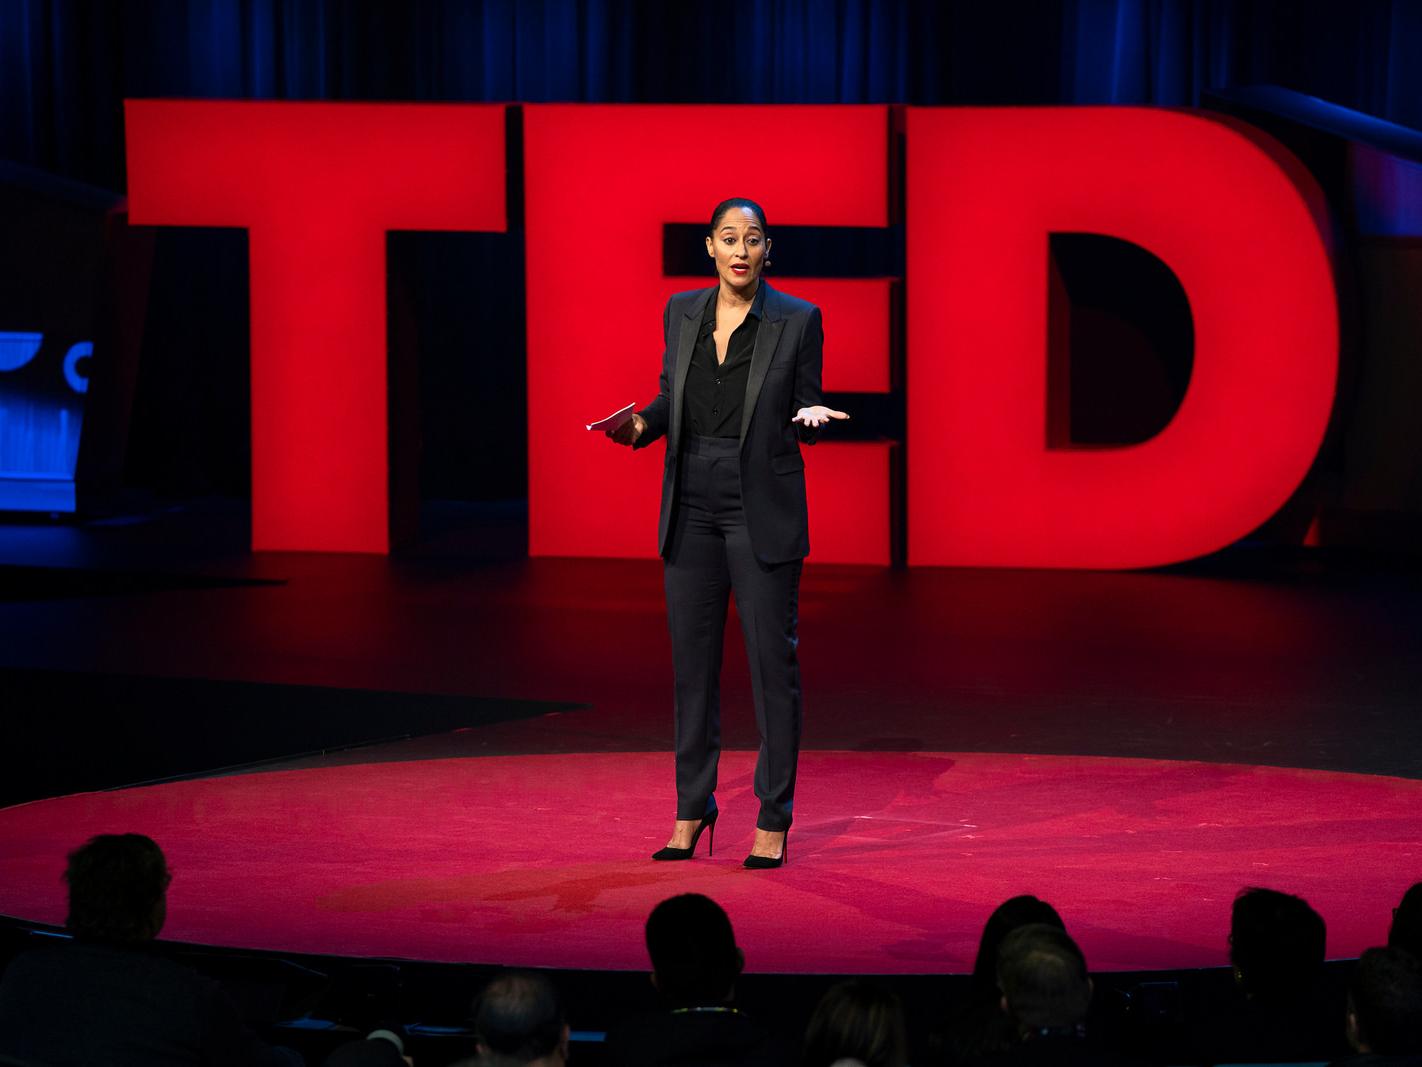 Sobre o TED - O TED é uma organização sem fins lucrativos com o espírito de promover ideias que merecem ser espalhadas. Começando com uma conferência de quatro dias na Califórnia há mais de 30 anos, o TED cresceu para apoiar ideias que mudam o mundo através de múltiplas iniciativas. No TED, pensadores e realizadores de todo o mundo são convidados a darem a melhor palestra de suas vidas em 18 minutos. Essas apresentações são disponibilizadas gratuitamente em TED.com, impactando bilhões de pessoas.